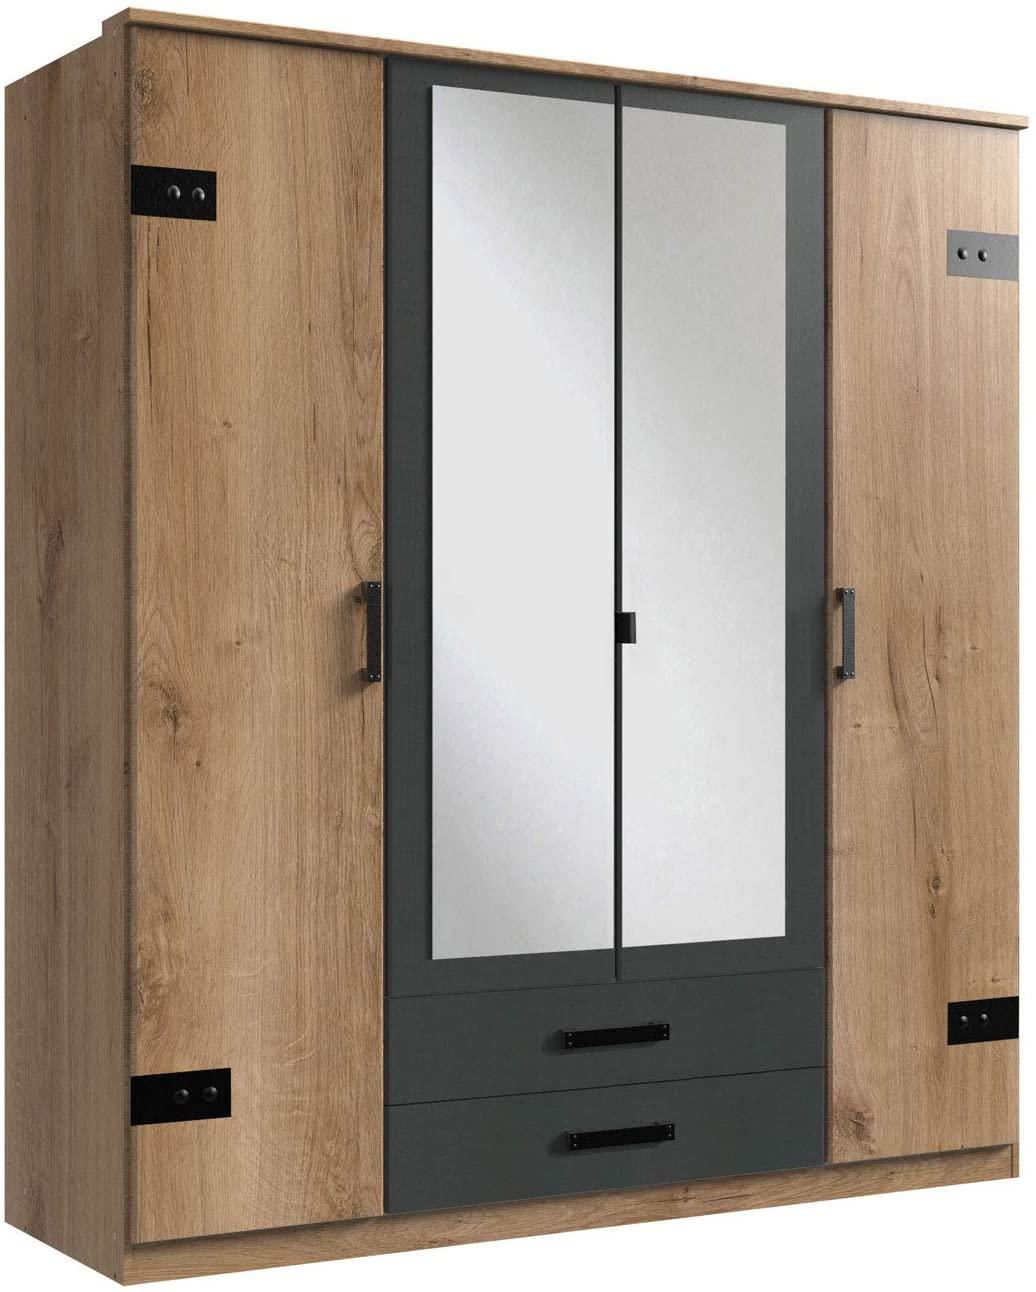 Kleiderschrank mit Spiegel-Türen Planken-Eiche Dekor Graphit-Grau, 180 cm Drehtürenschrank 4-türig mit 2 Schubladen im Industrial Stil